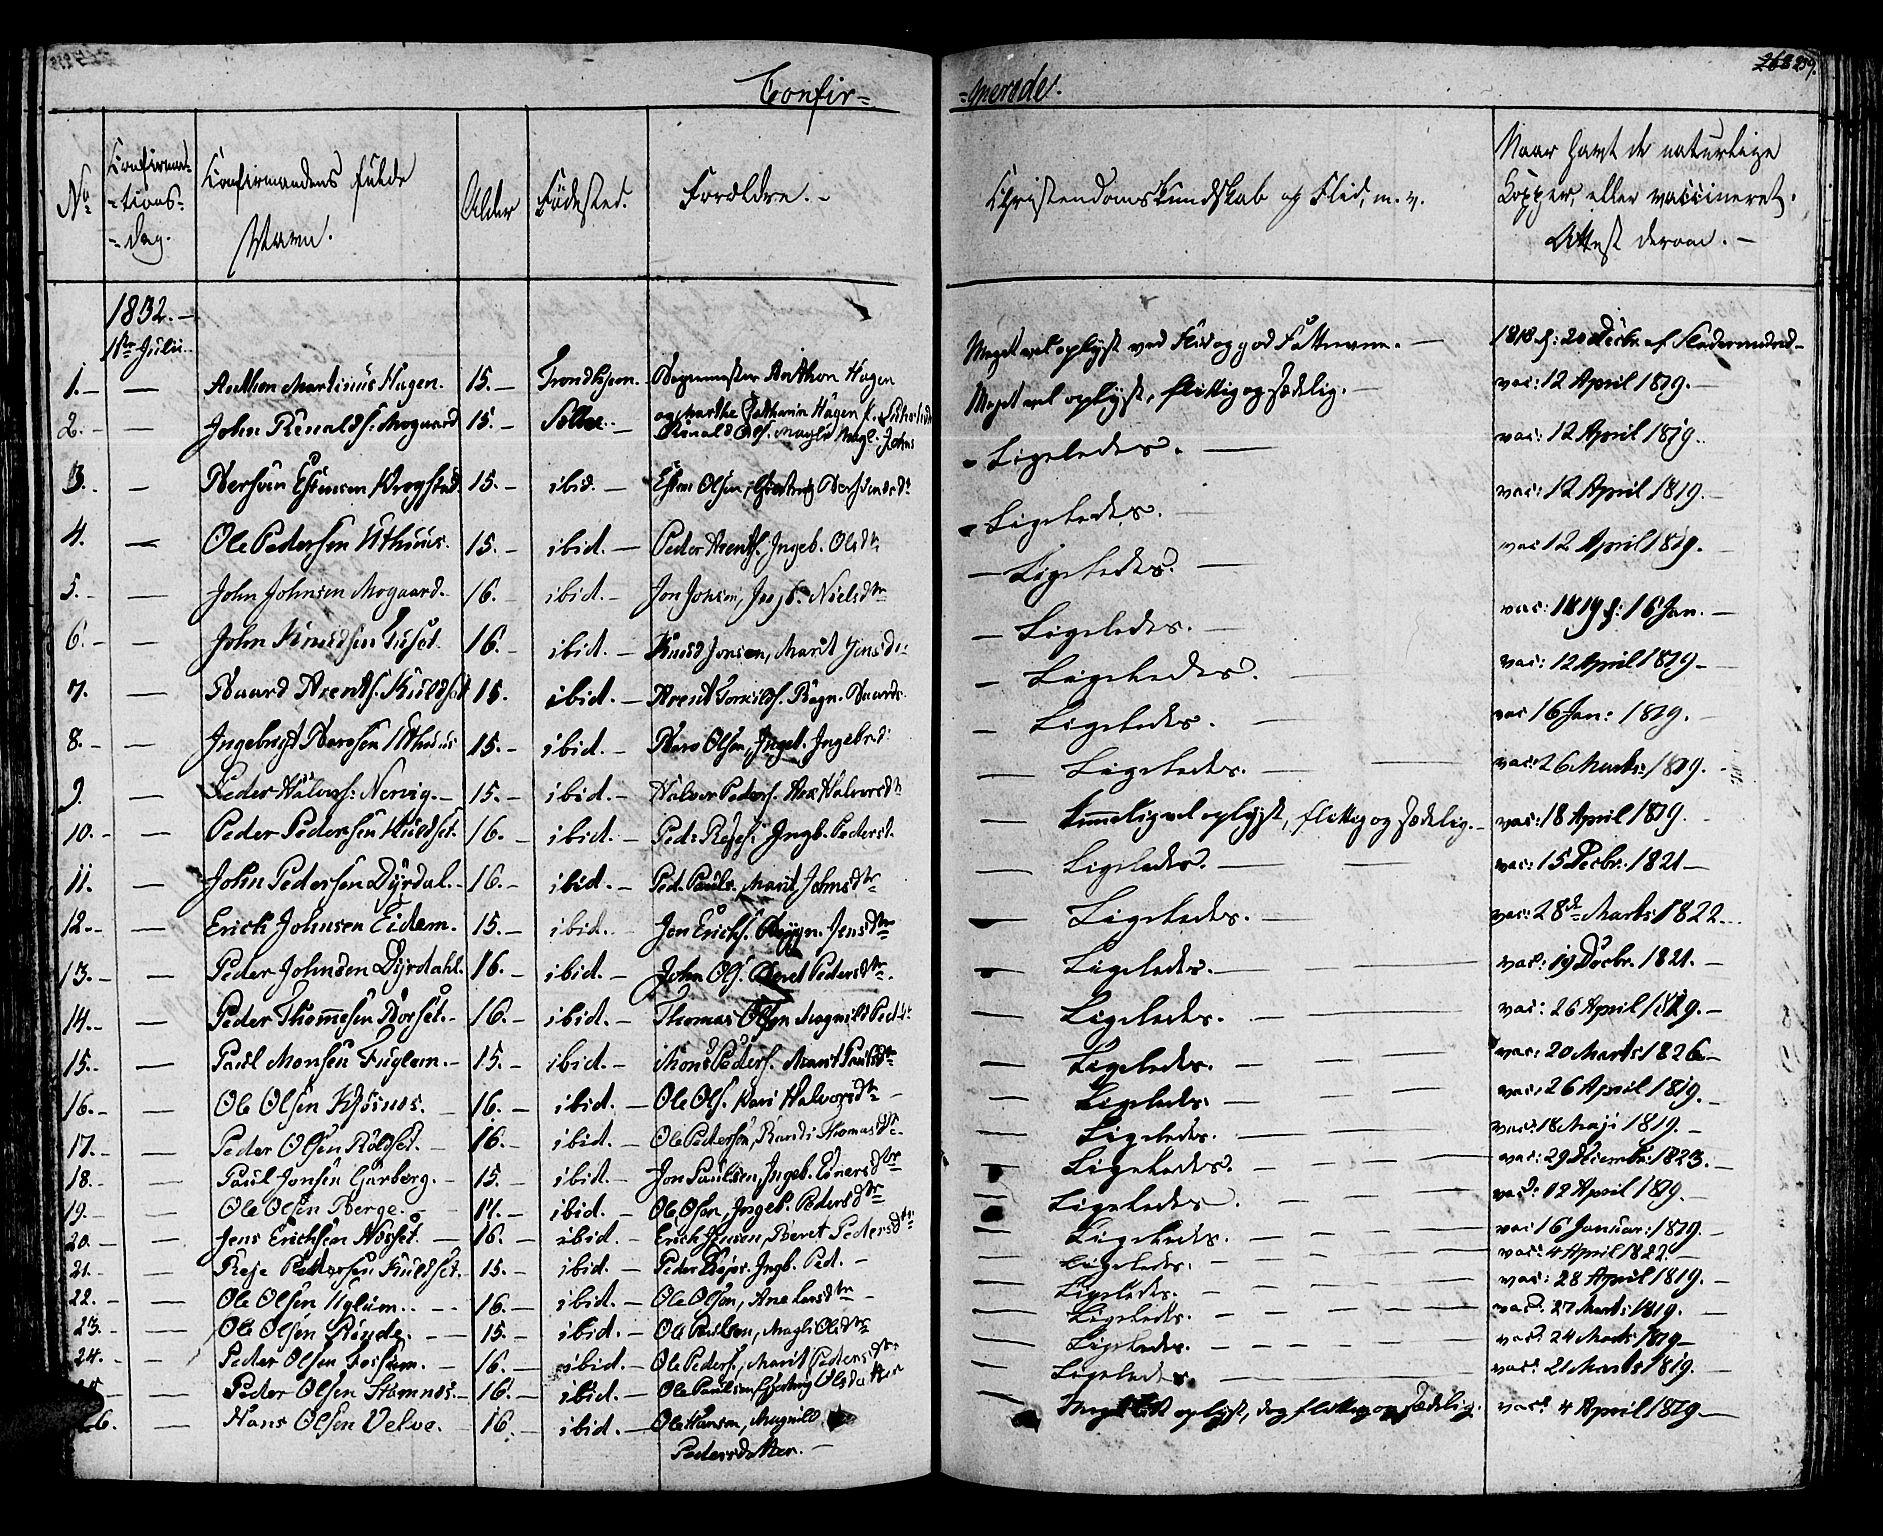 SAT, Ministerialprotokoller, klokkerbøker og fødselsregistre - Sør-Trøndelag, 695/L1143: Ministerialbok nr. 695A05 /1, 1824-1842, s. 259